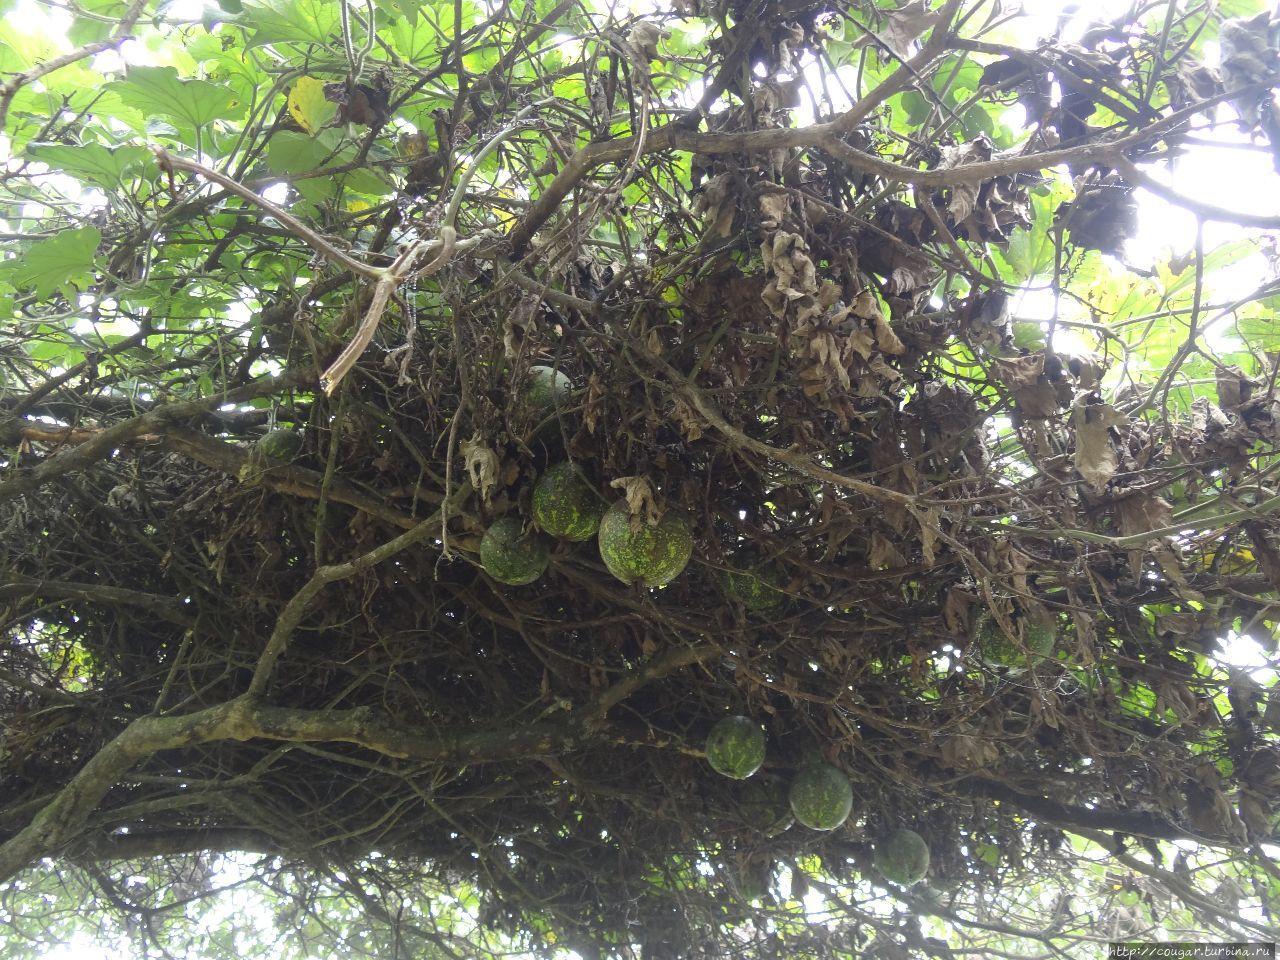 Дикие арбузы над тропой, несьедобные  из-за горечи. По словам гида, местные используют их для лечения кур от птичьего гриппа. Моши, Танзания